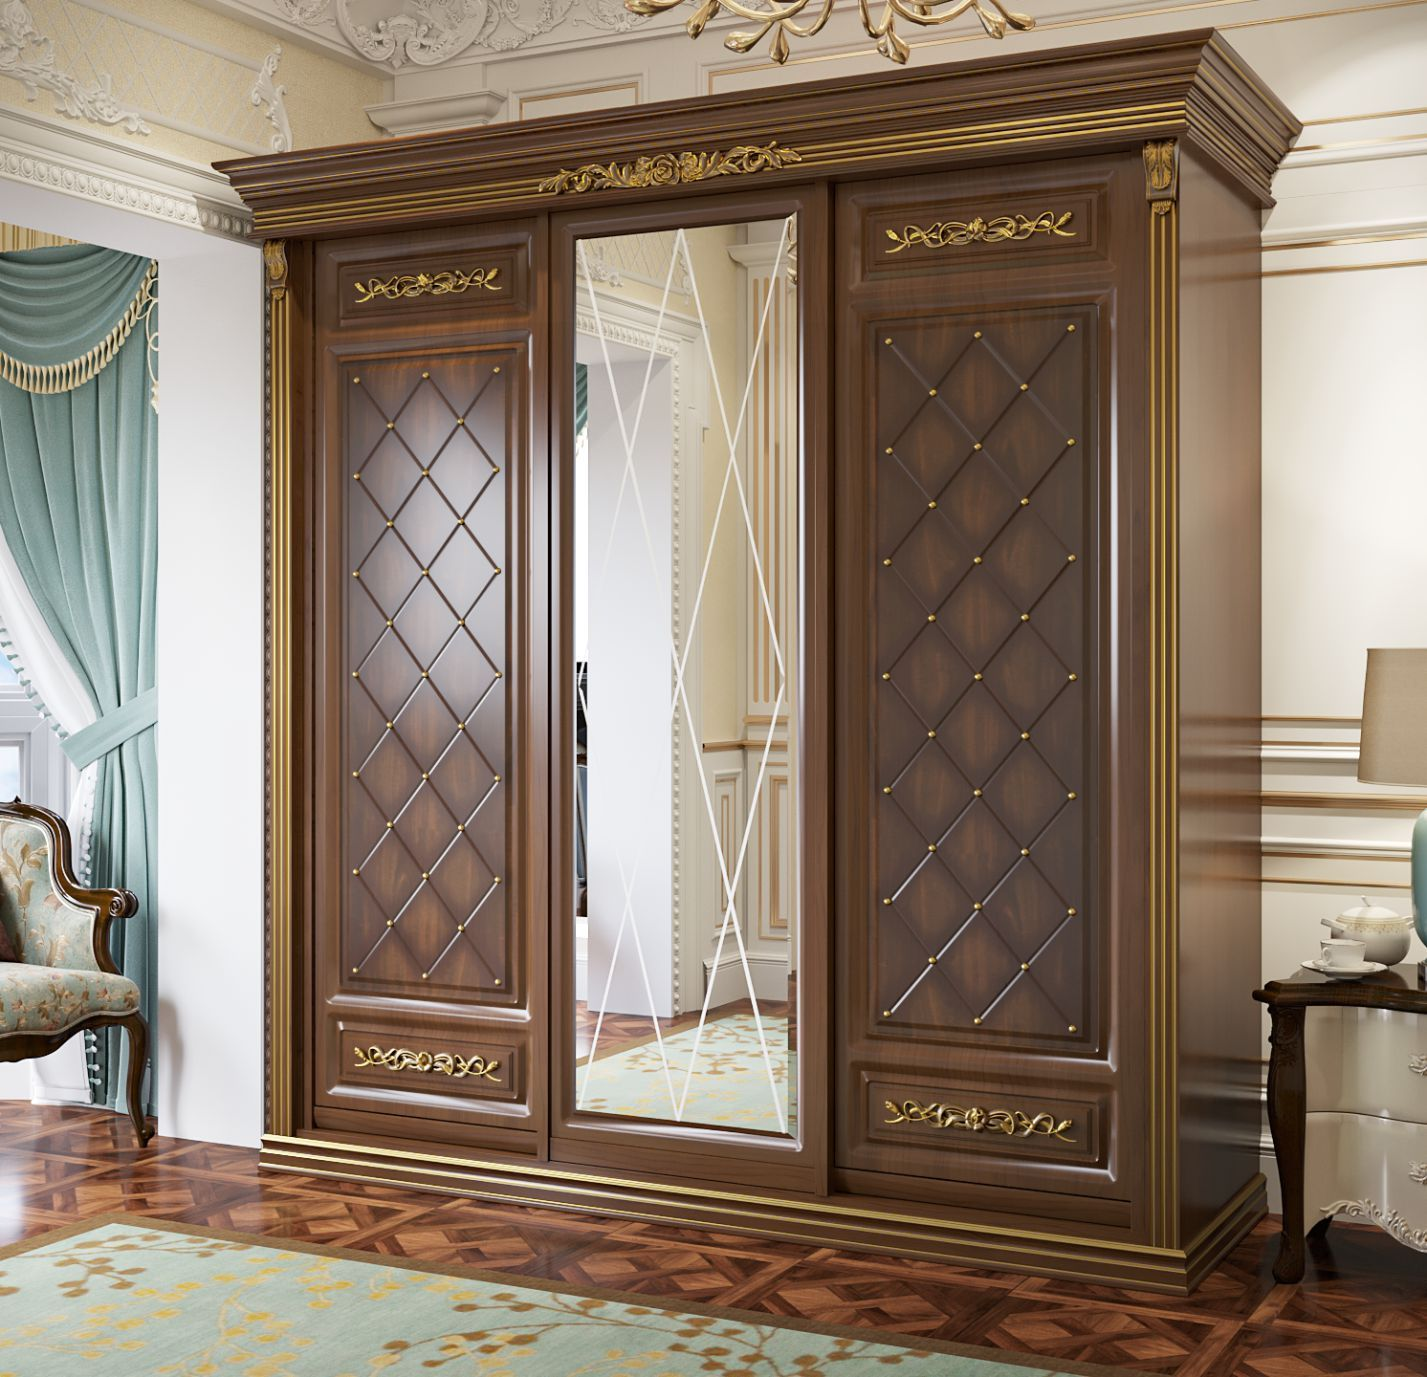 خزانة الملابس في غرفة النوم الكلاسيكية